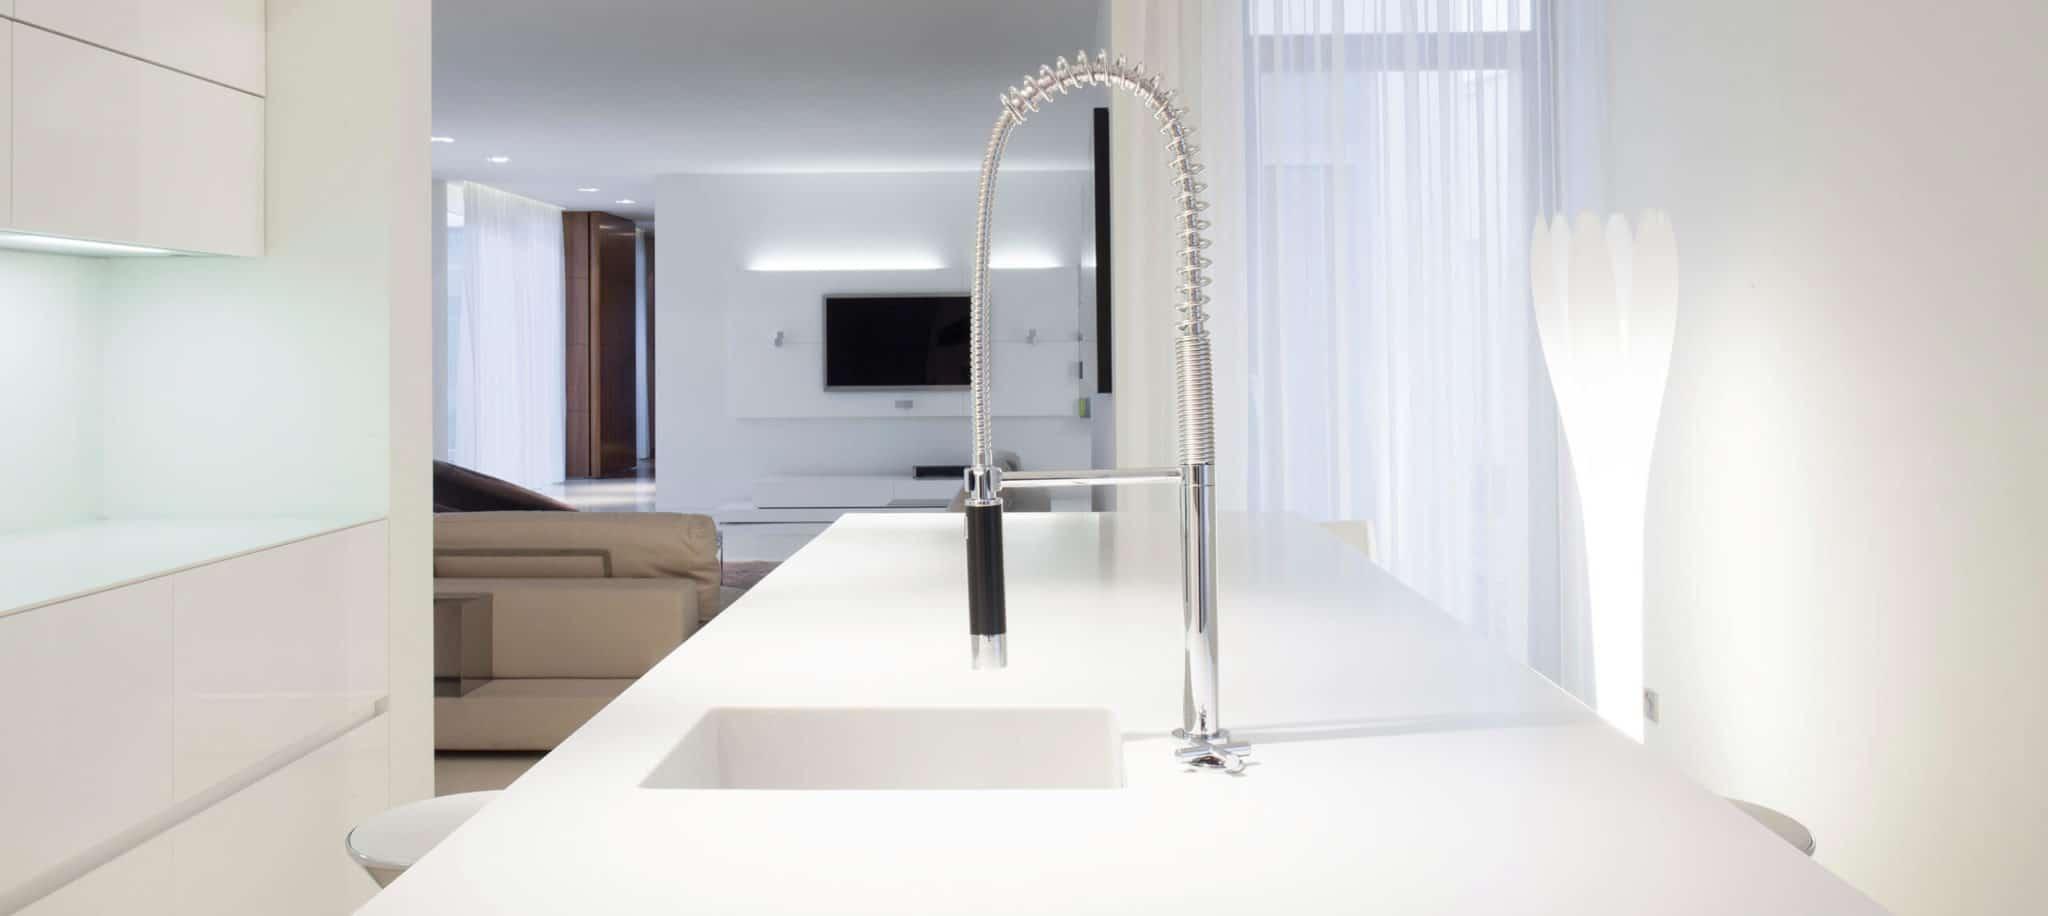 Cocina blanca con grifo grande - muebles de cocina en madrid